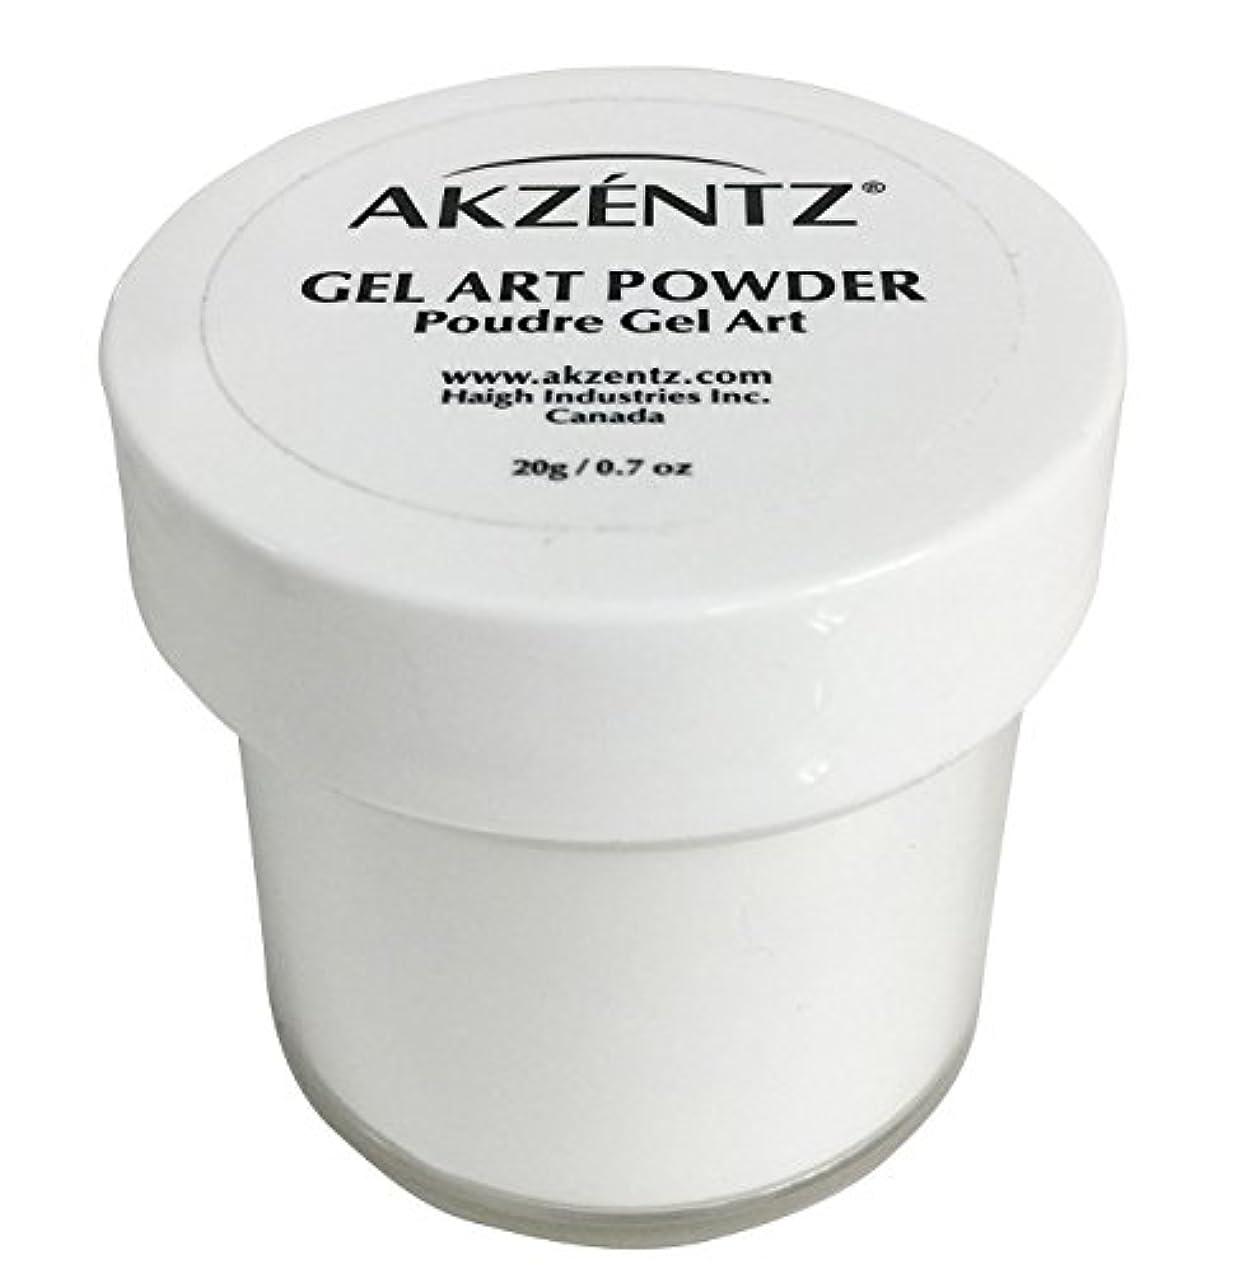 直感バクテリアしなやかなAKZENTZ(アクセンツ) ジェルアートパウダー 20g